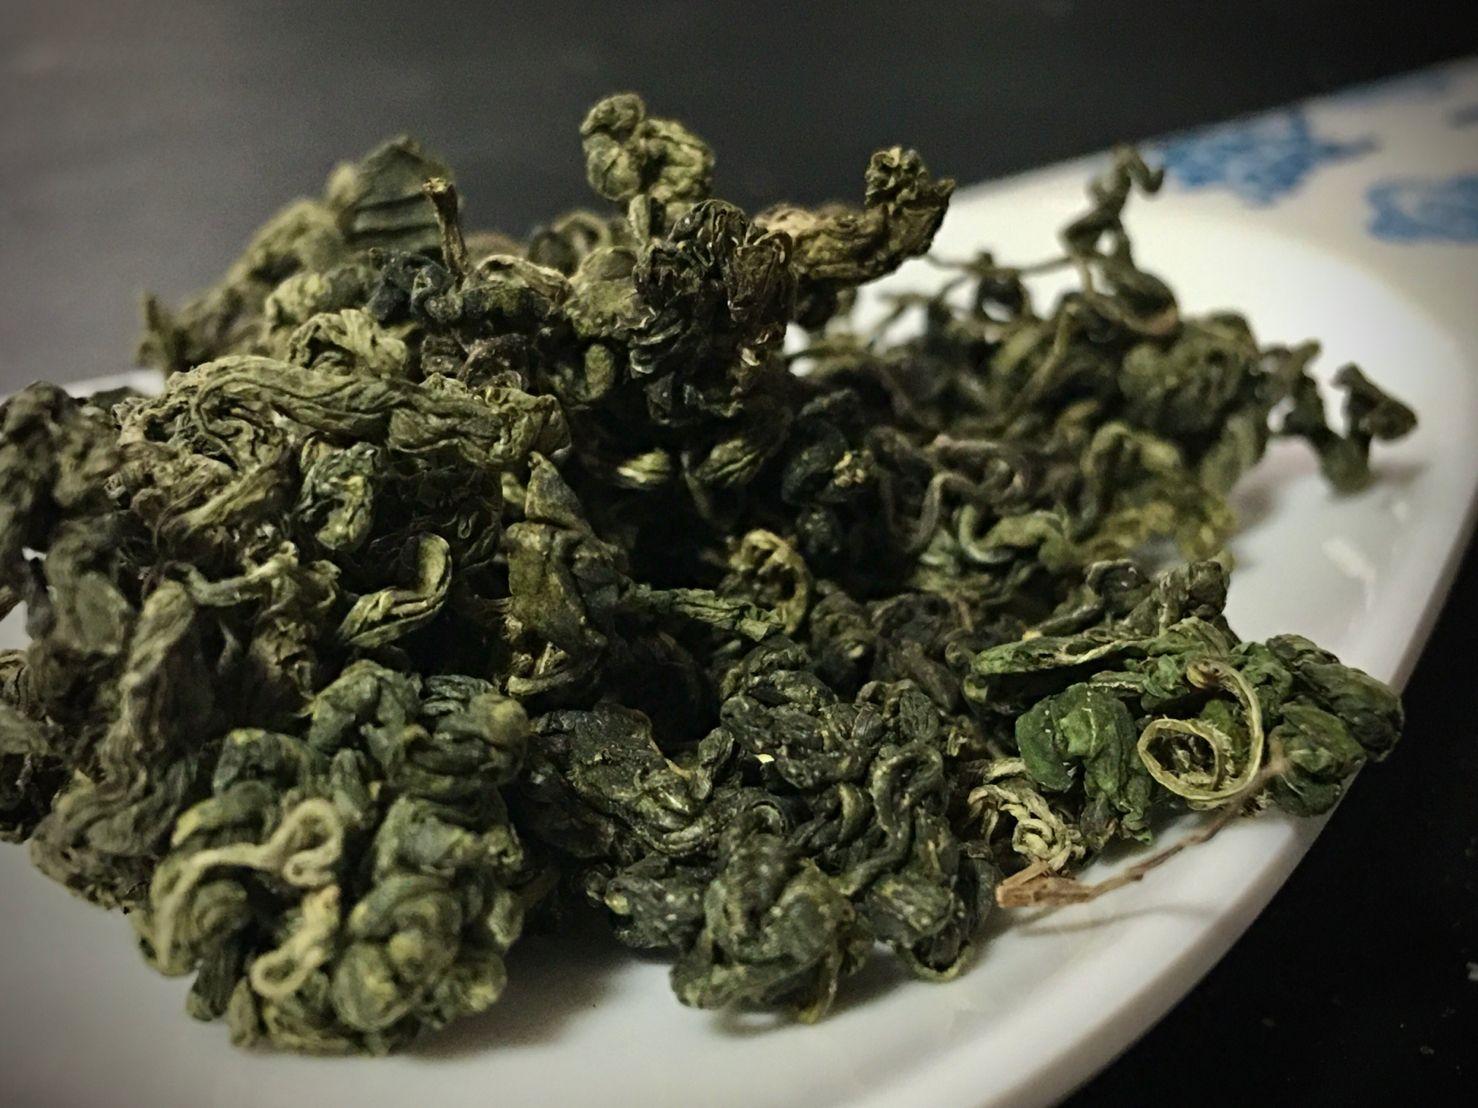 Yě Shēng Qī Yè Jiǎo Gǔ Lán Chá, 野生七叶绞股蓝茶, Wild Seven Leaves Jiaogulan Tea